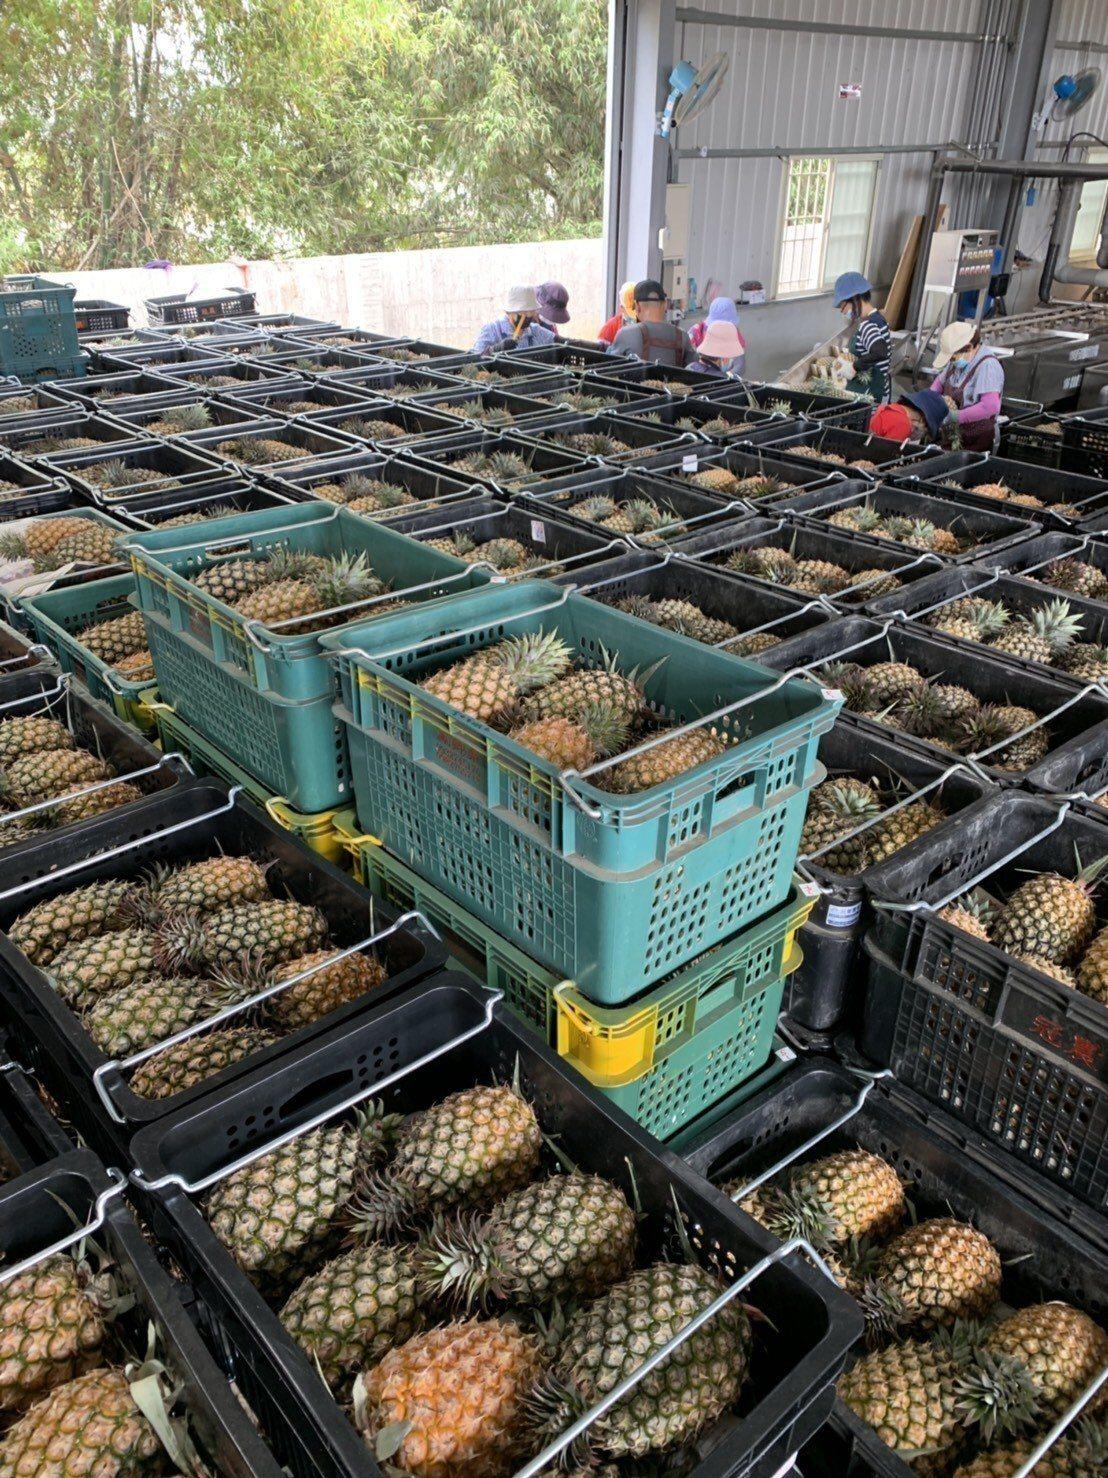 高雄鳳梨正值產季,一箱箱鳳梨準備出貨到大陸。圖/高雄市農業局提供